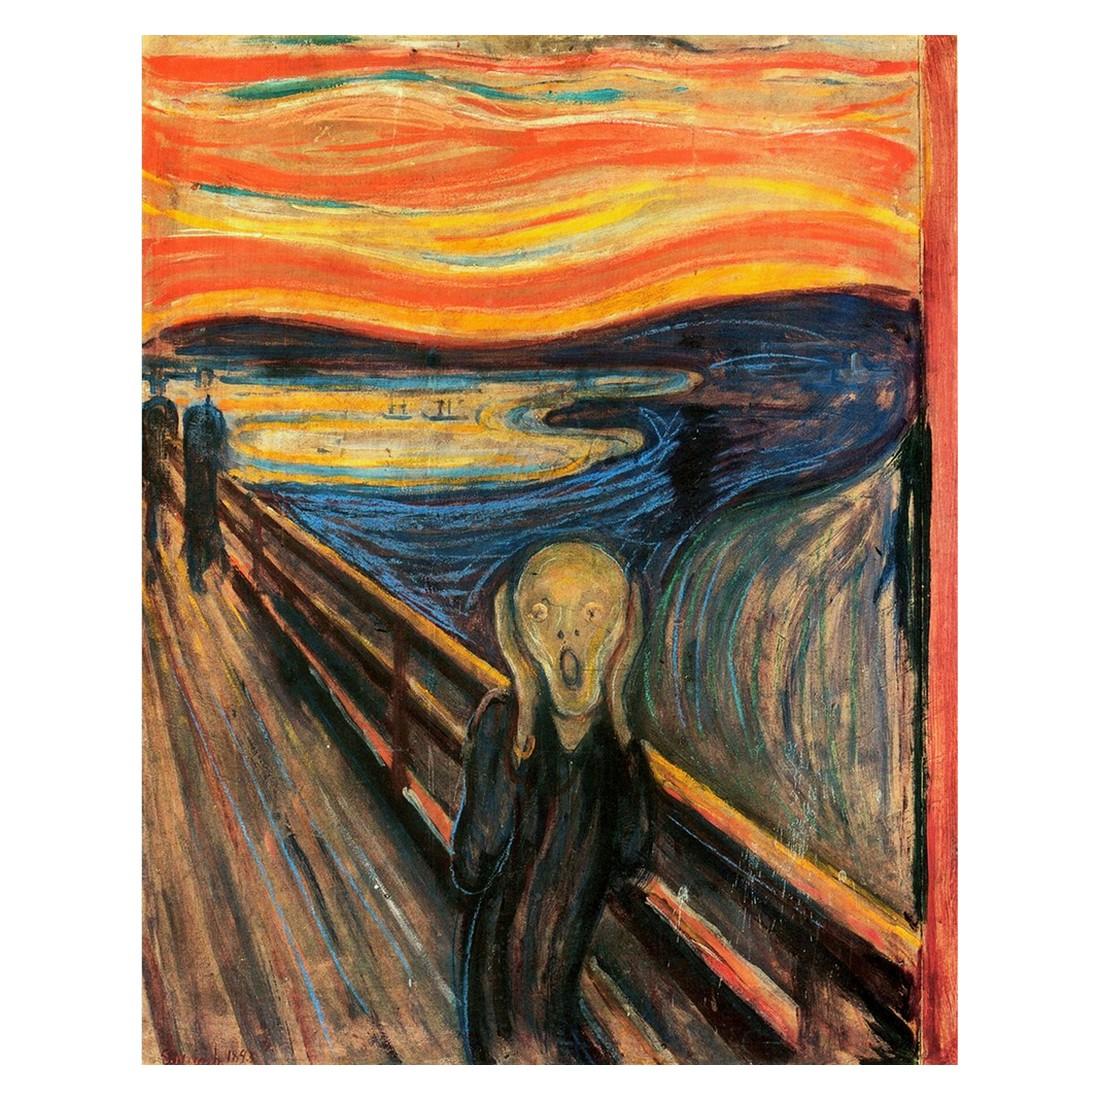 Ölgemälde Der Schrei von Edvard Munch – Größe 80 x 60 cm, yourPainting online kaufen